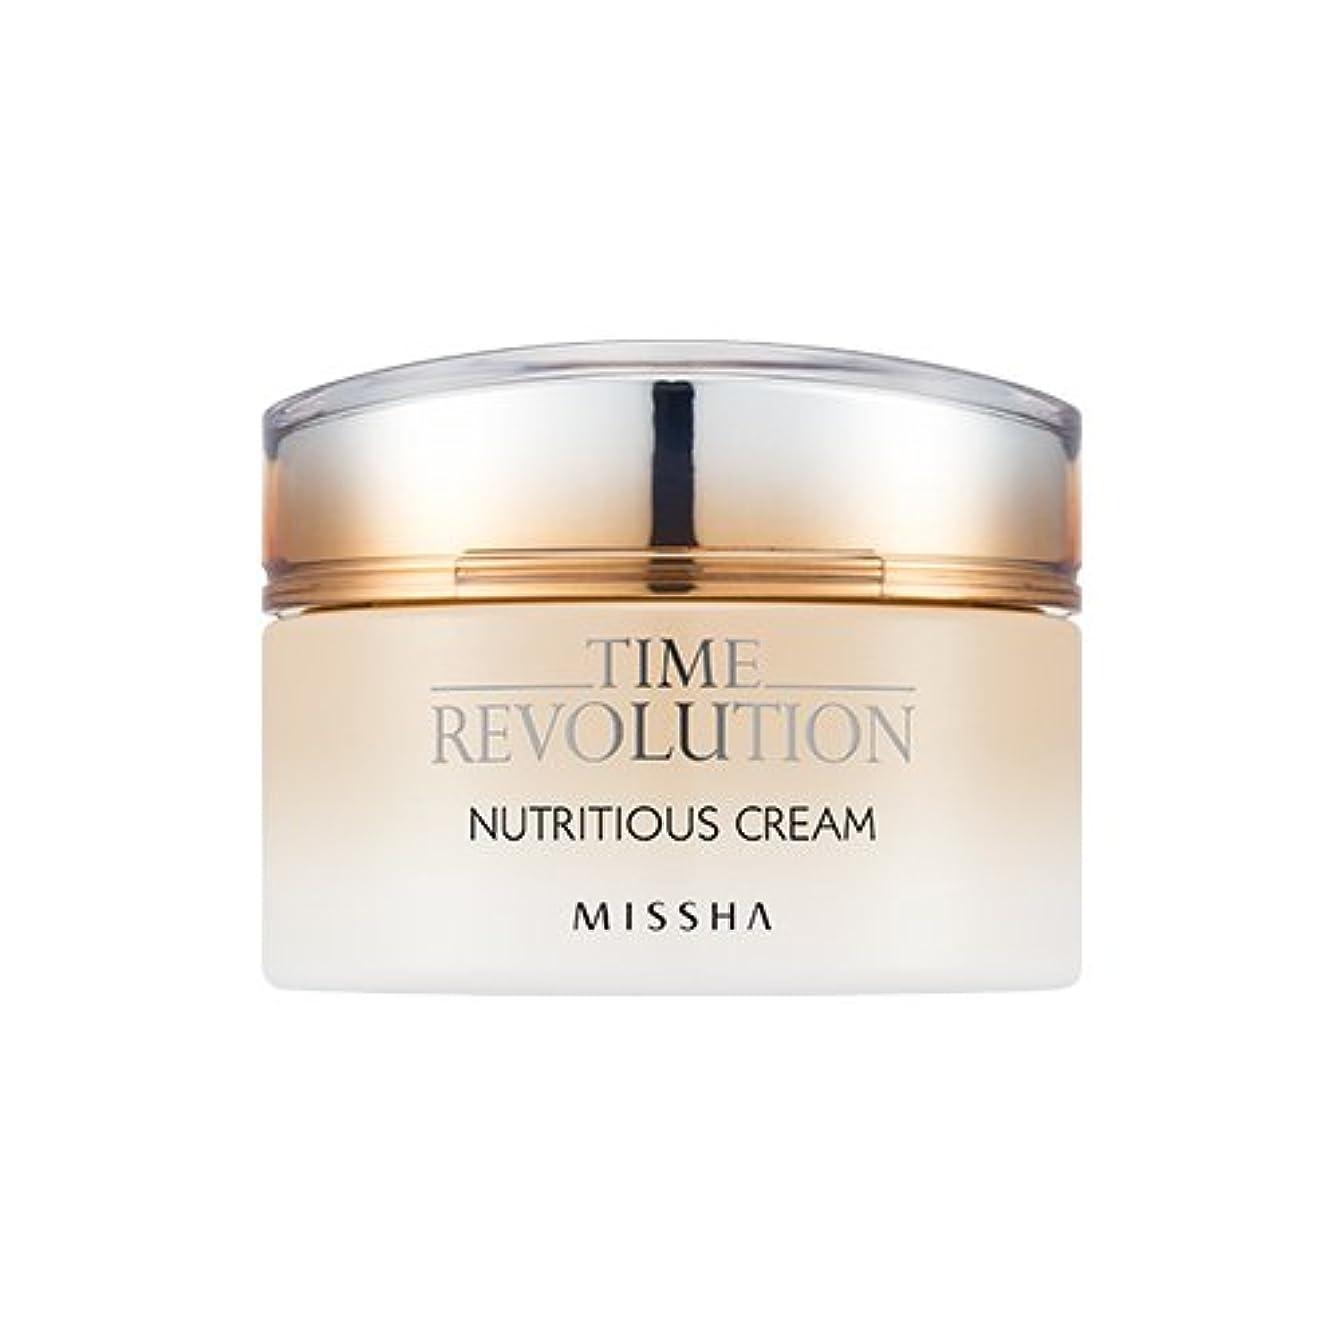 小屋モスクディンカルビル[New] MISSHA Time Revolution Nutritious Cream 50ml/ミシャ タイム レボリューション ニュートリシャス クリーム 50ml [並行輸入品]